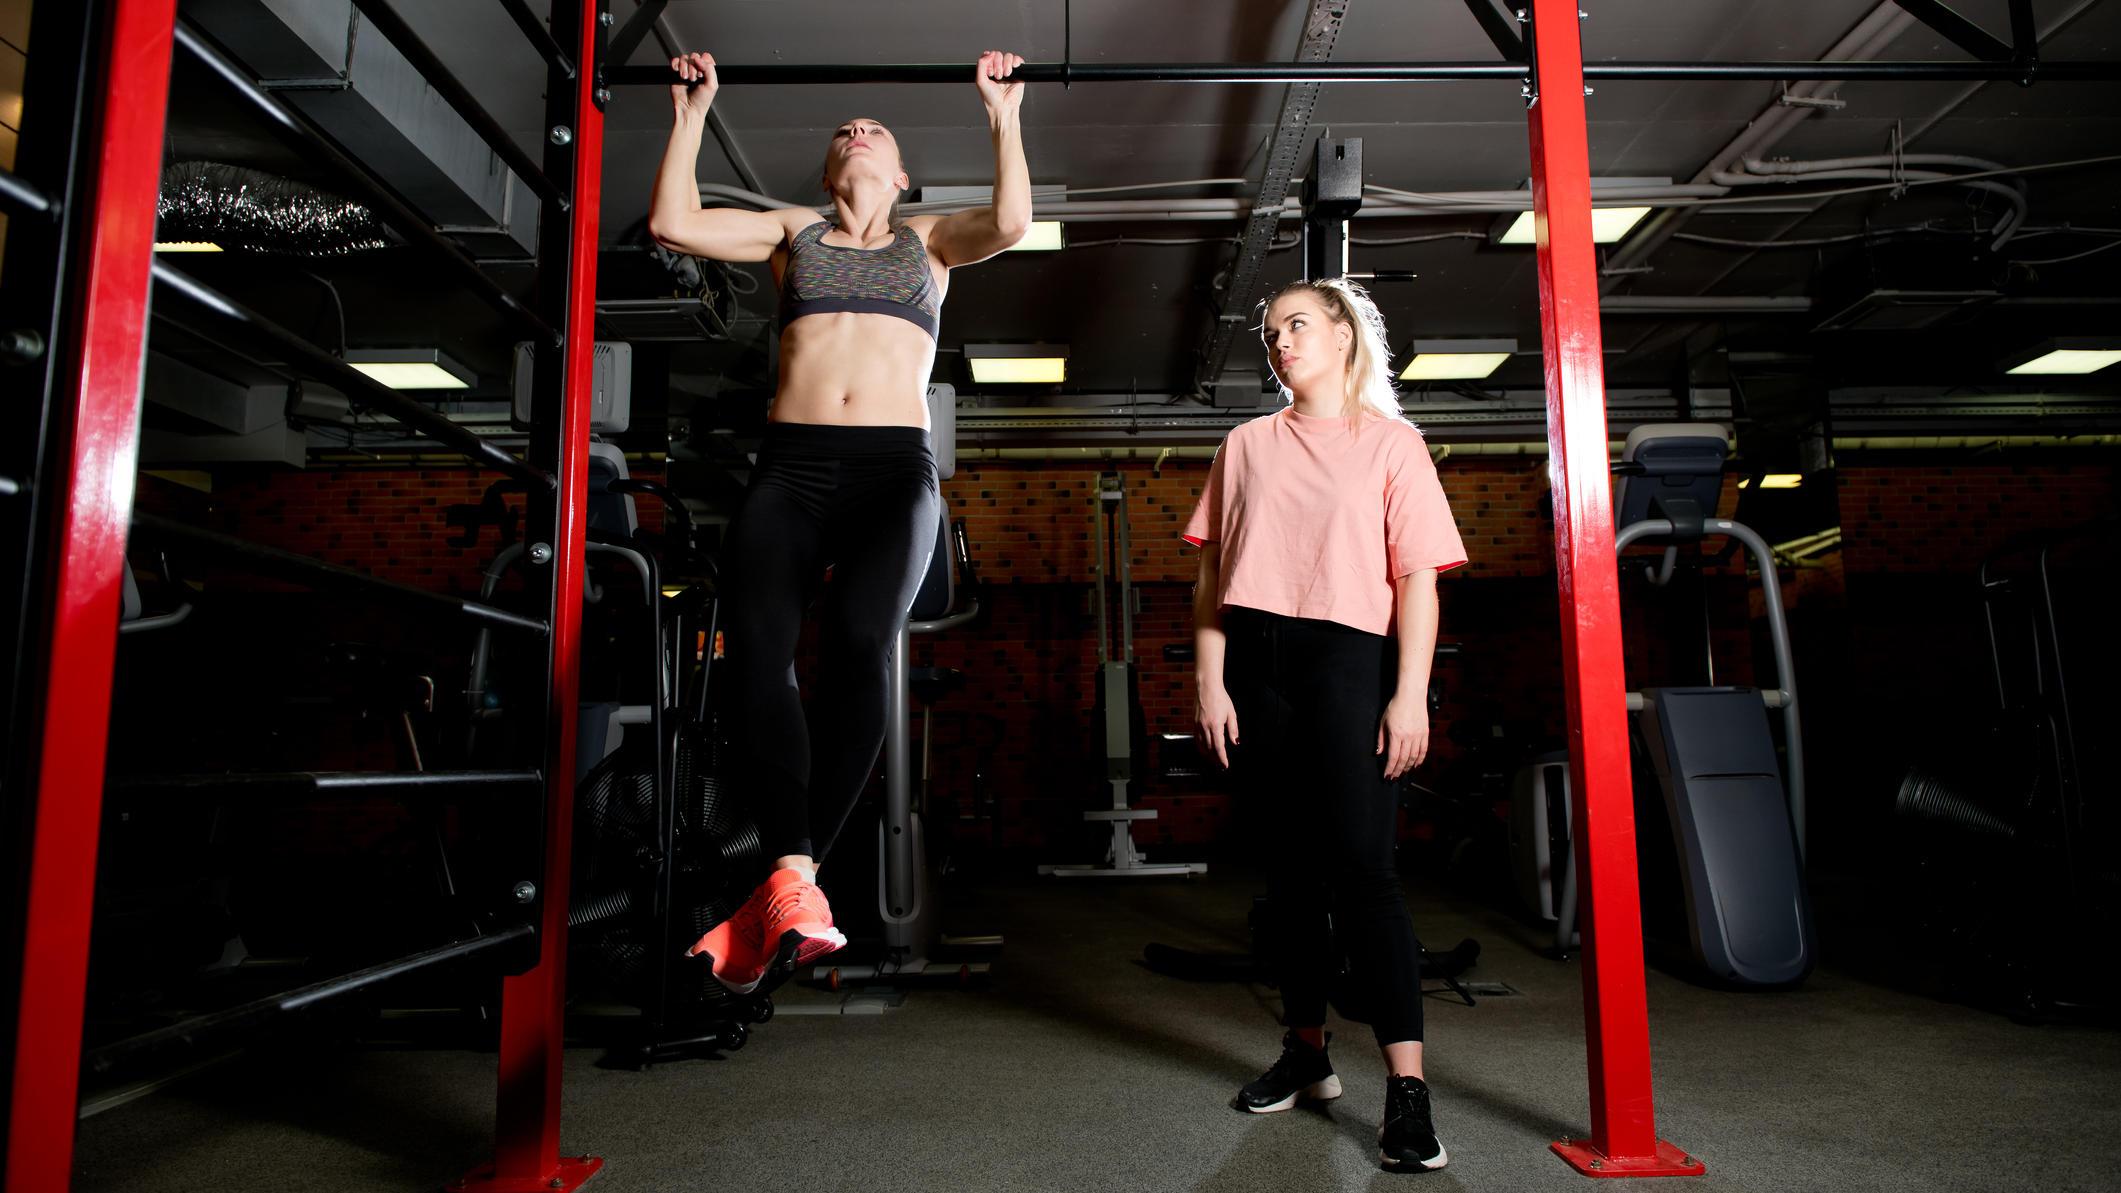 Junge Brünette Fickt Ihren Fitness-Trainer